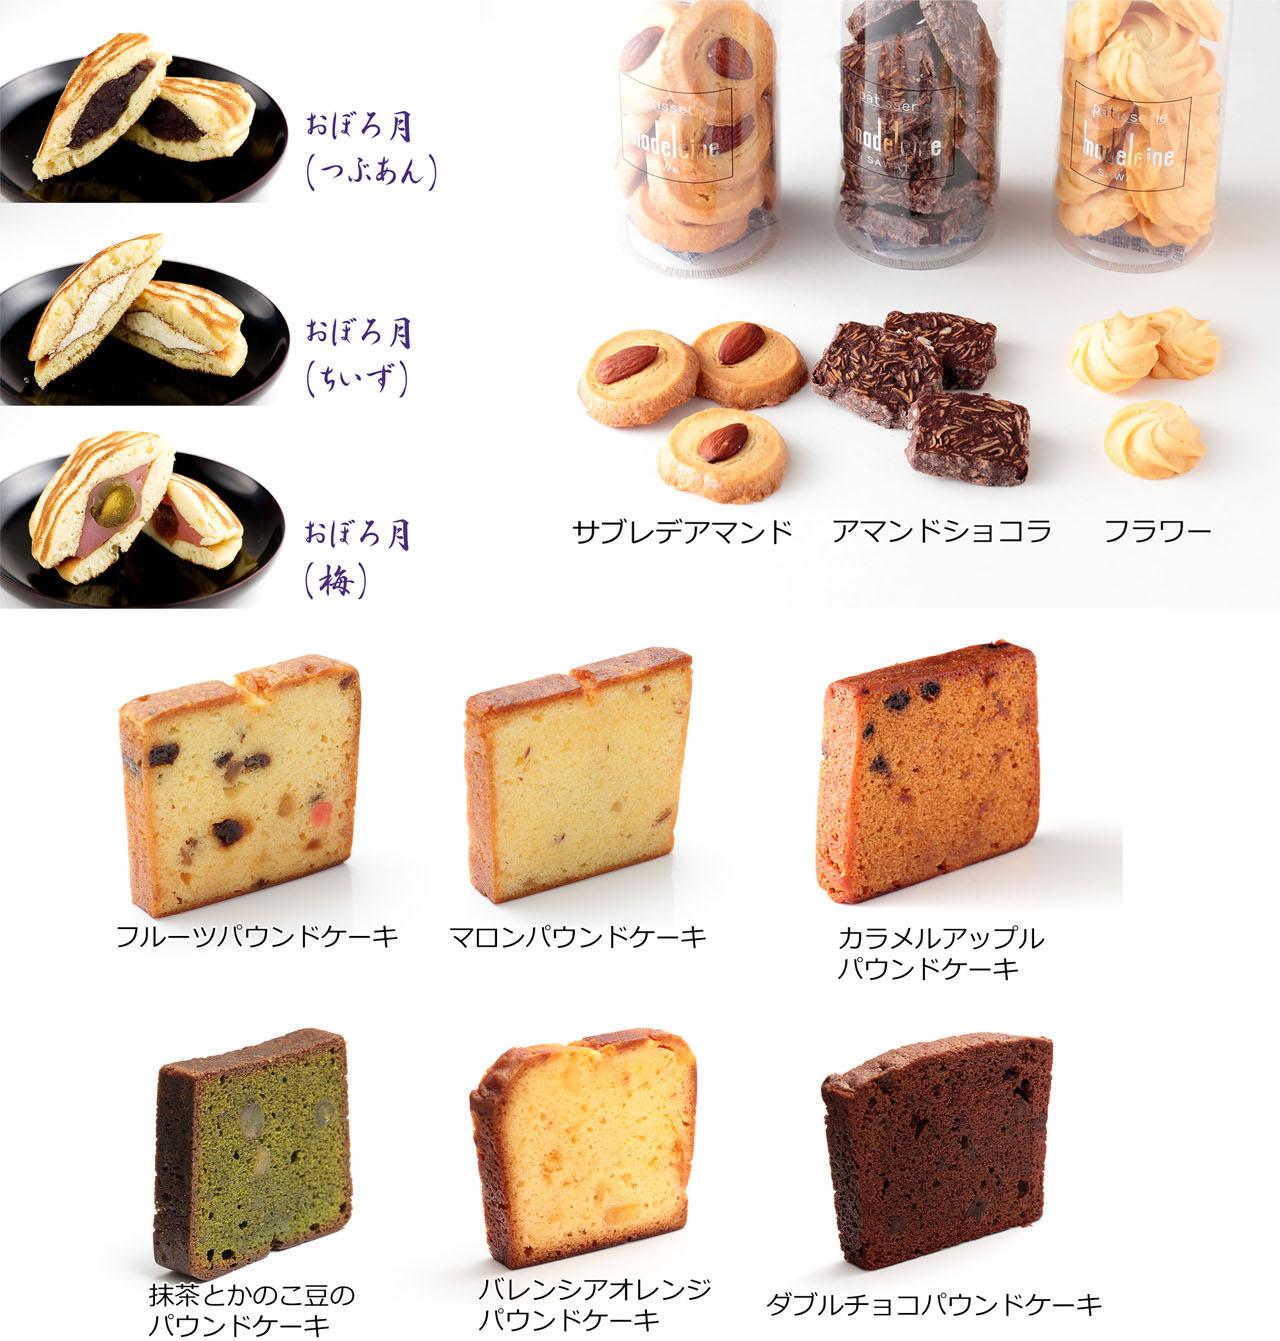 新登場!! 焼き菓子、和菓子セットの販売を開始しました!!